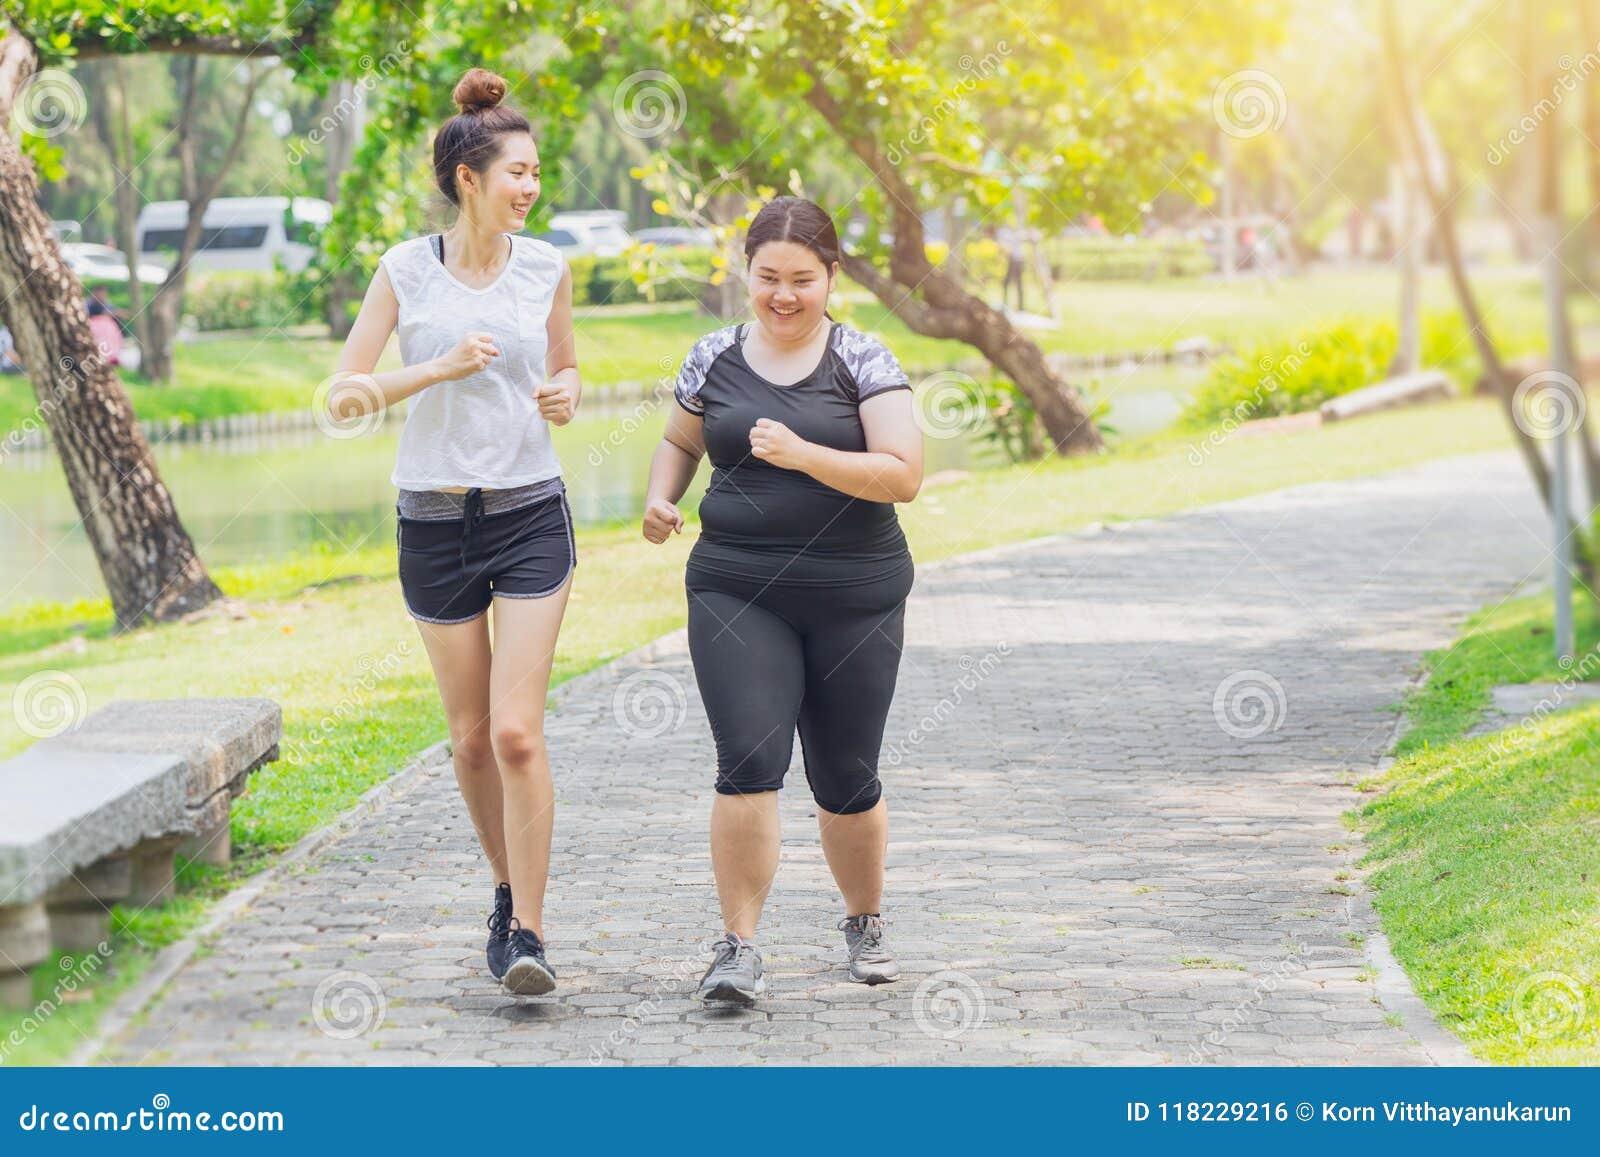 Ασιατικό τρέχοντας λίπος εφήβων και λεπτό φιλίας